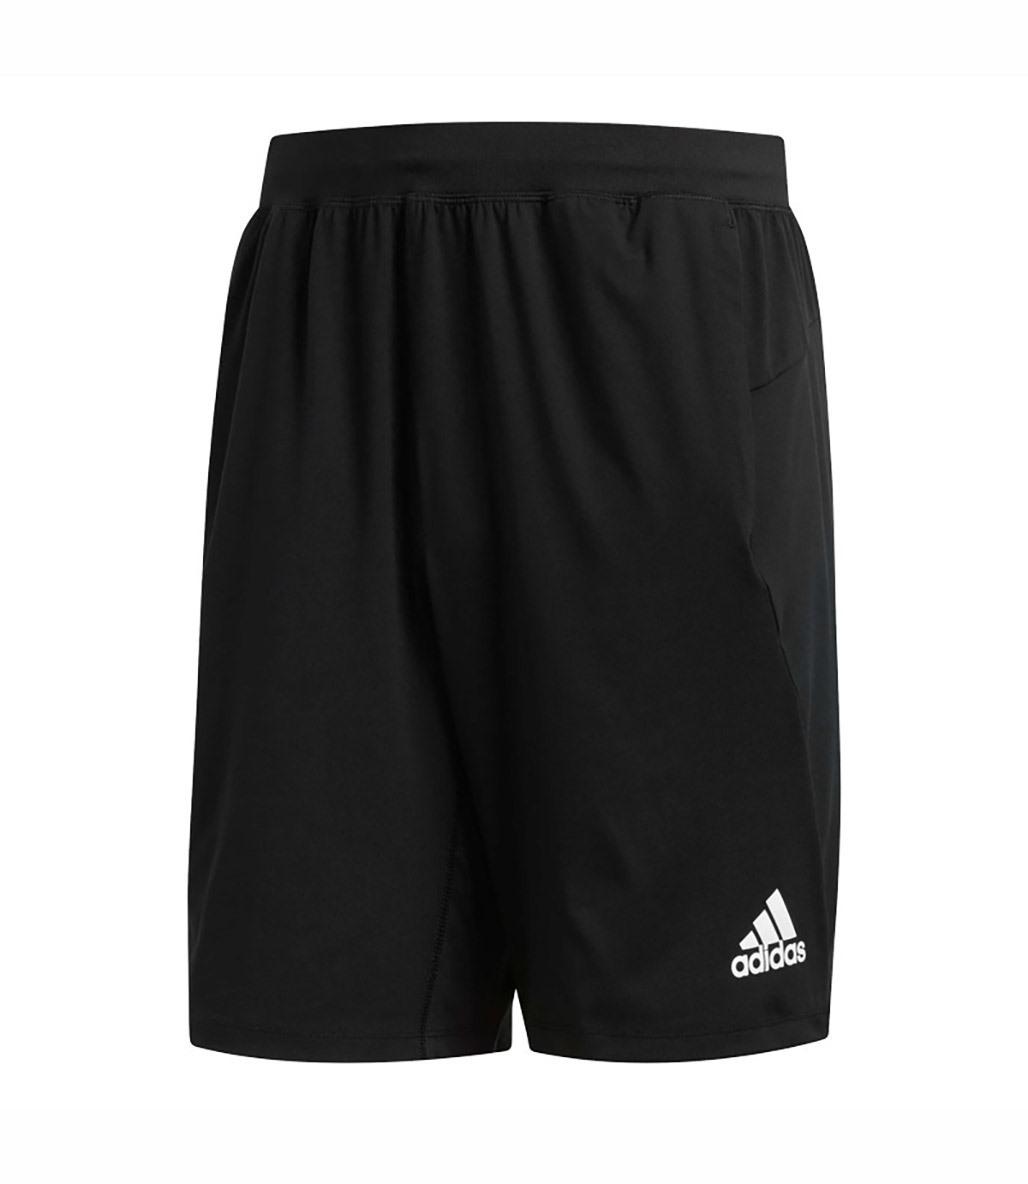 """Adidas 4krft Sport Ultimate 9"""" Örgü Şort Siyah"""